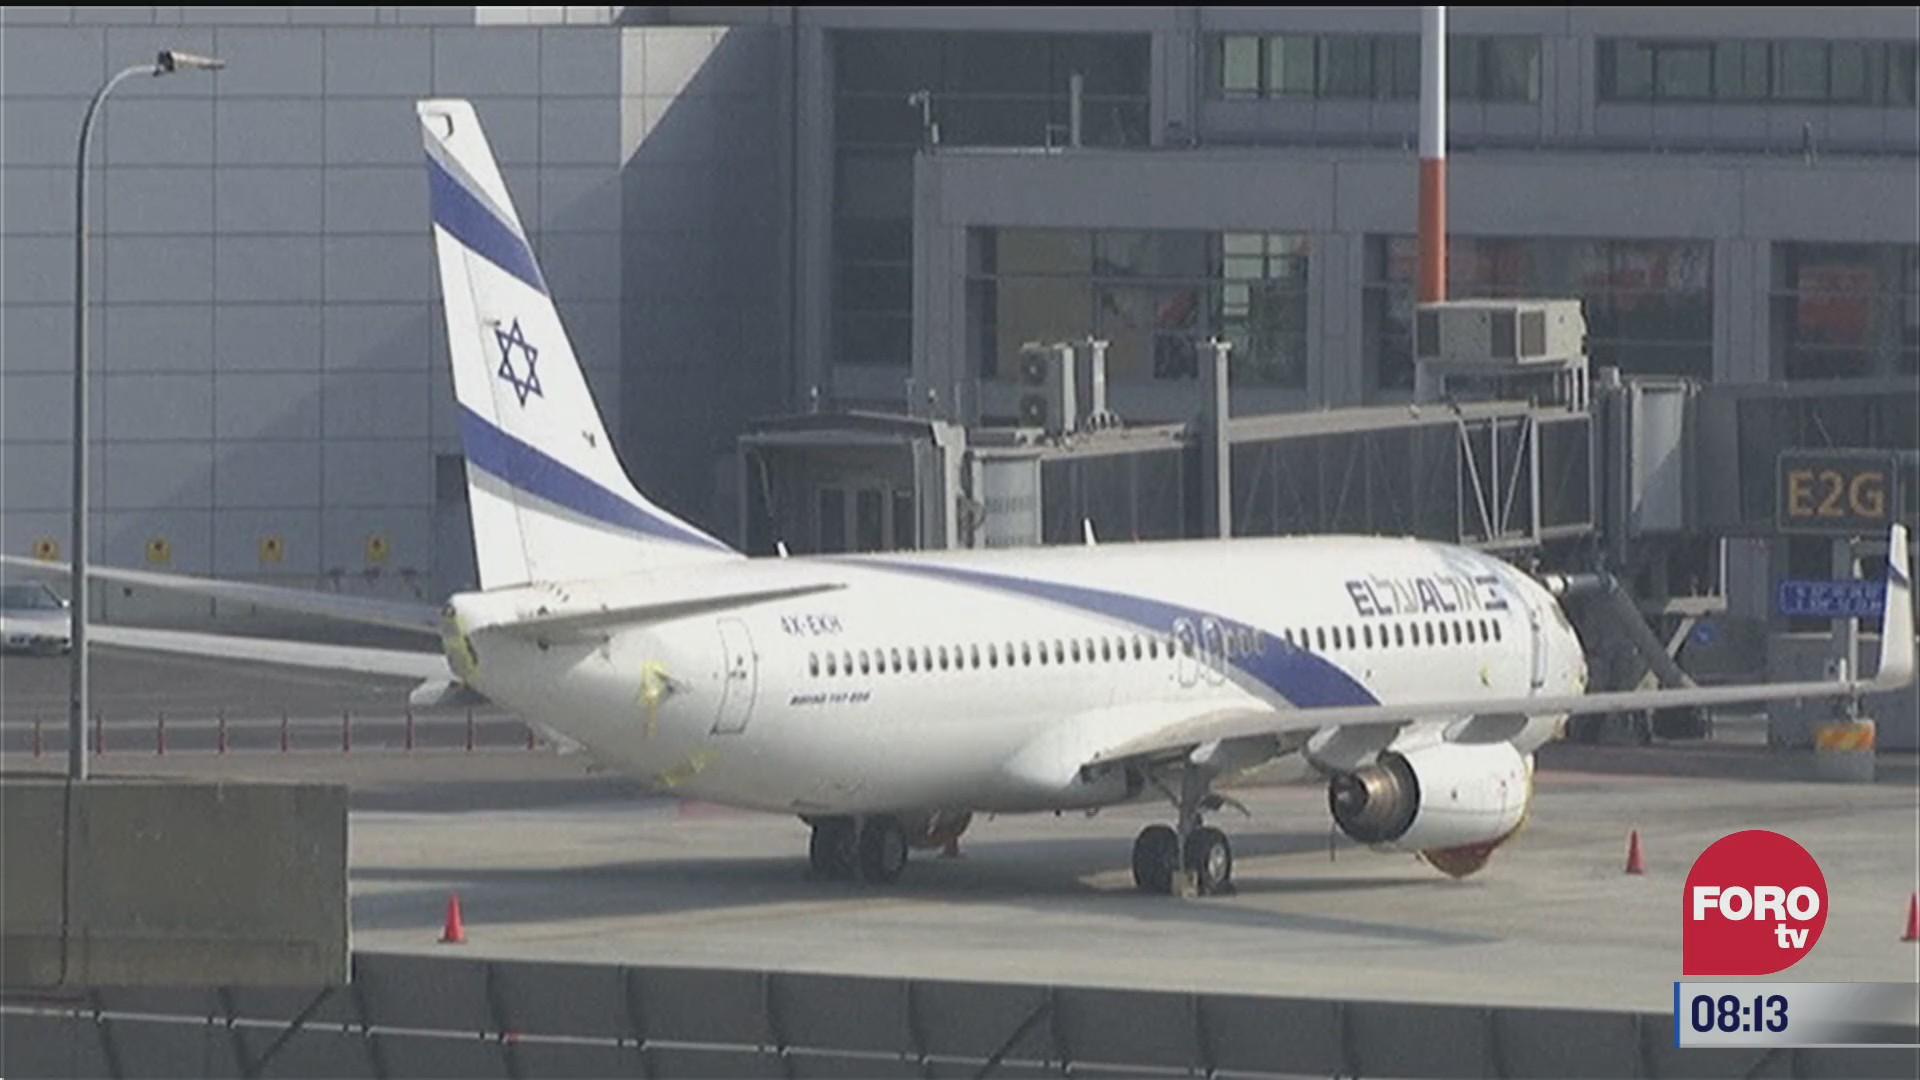 se realiza primer vuelo entre israel y emiratos arabes unidos